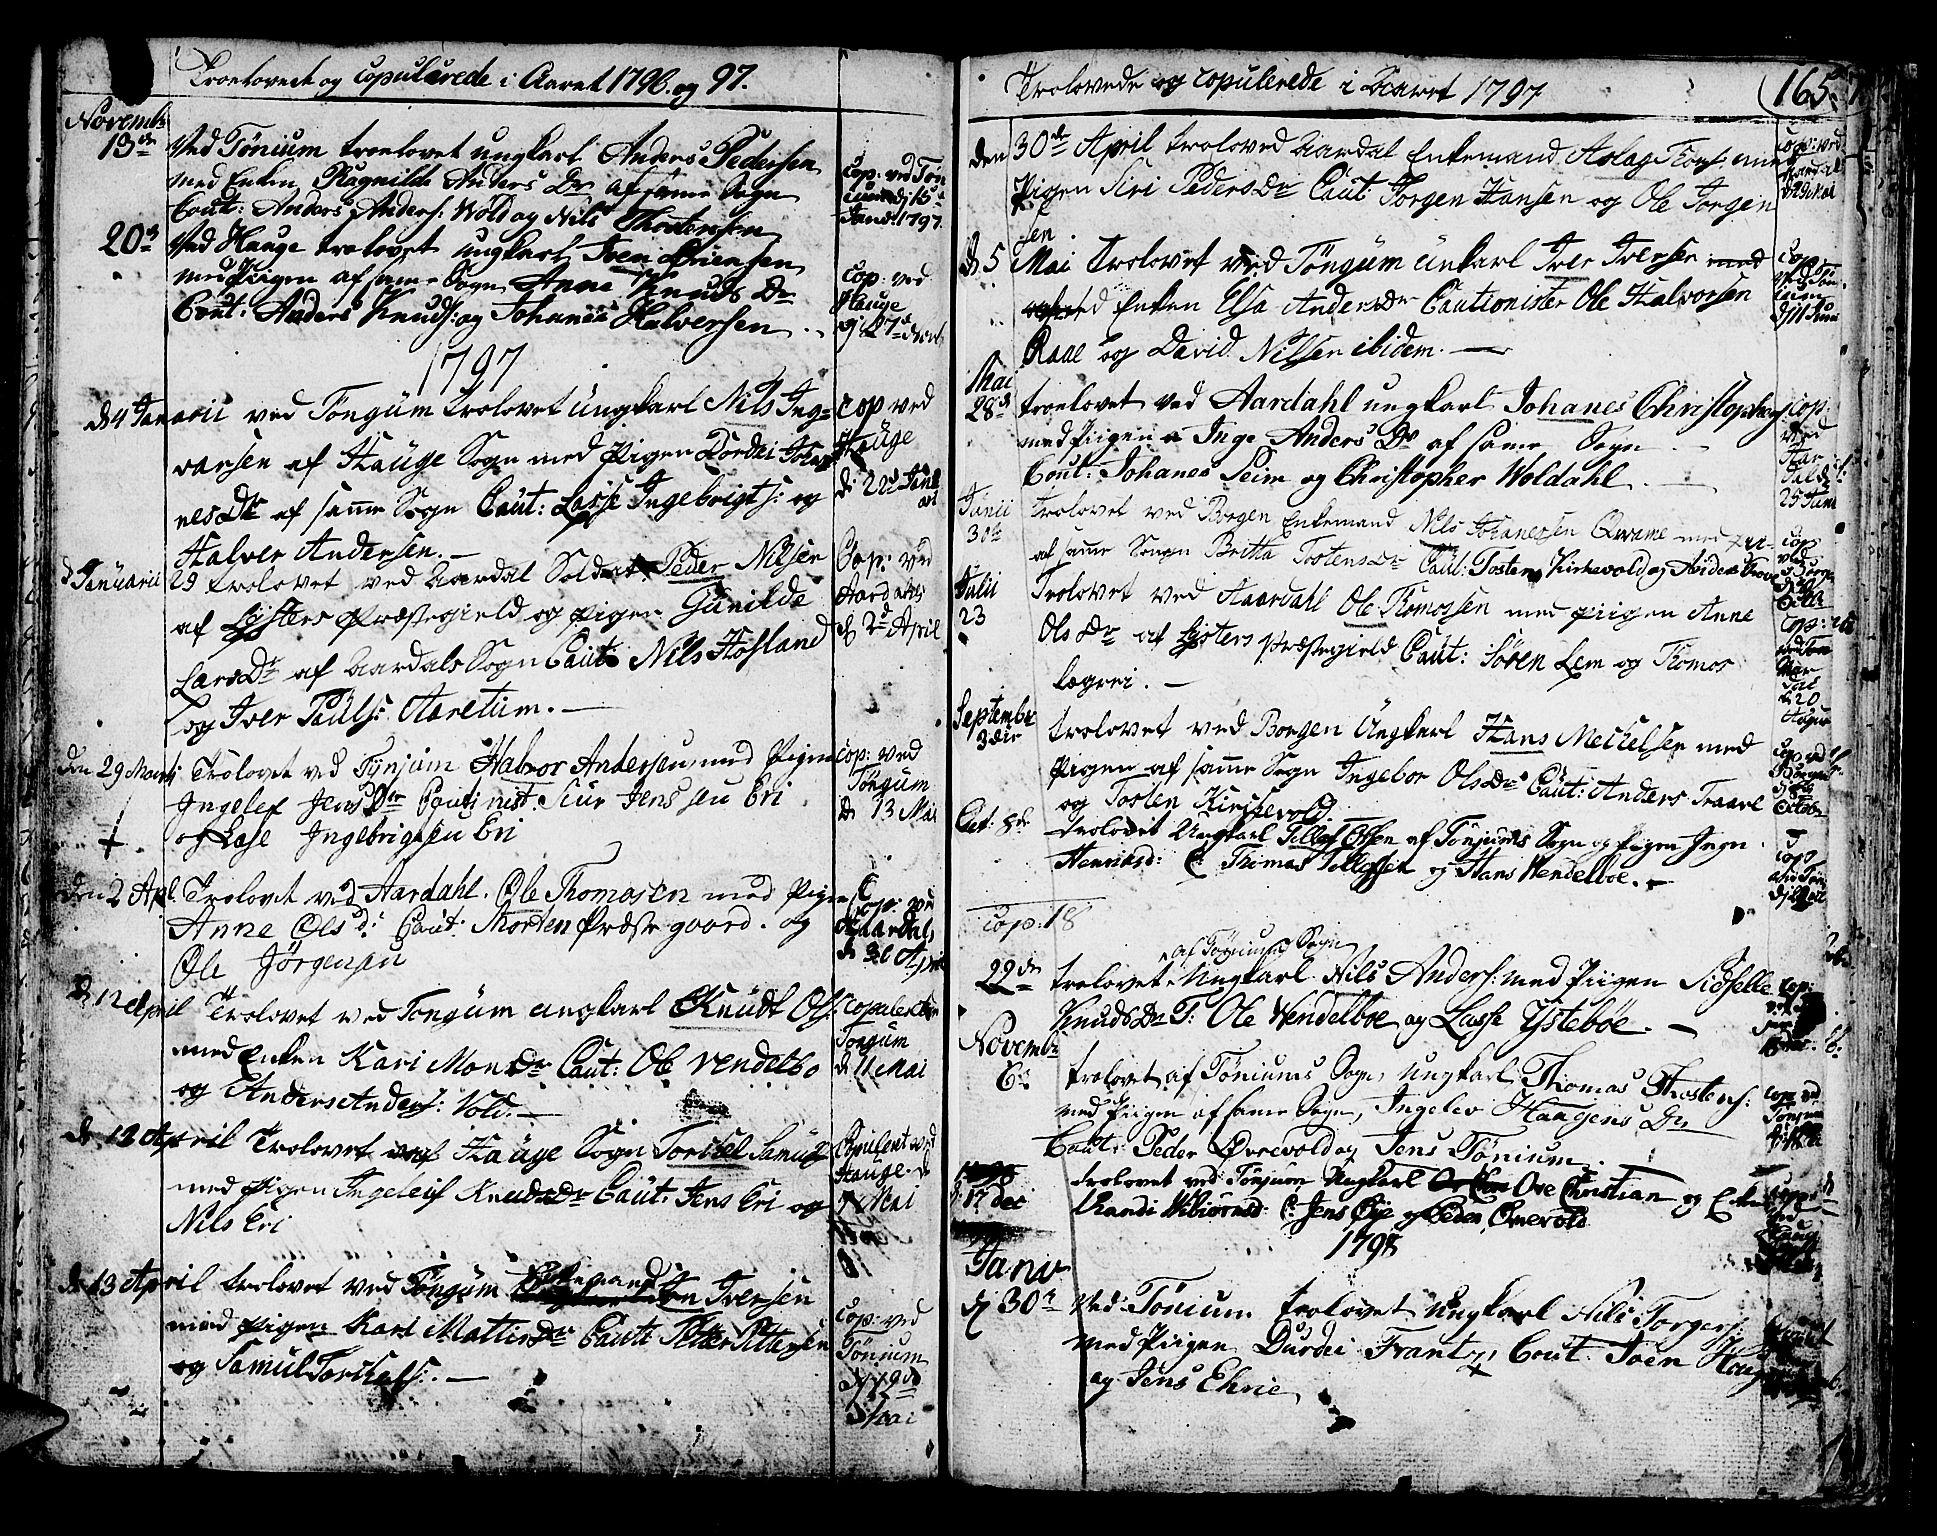 SAB, Lærdal sokneprestembete, Ministerialbok nr. A 3, 1783-1804, s. 165